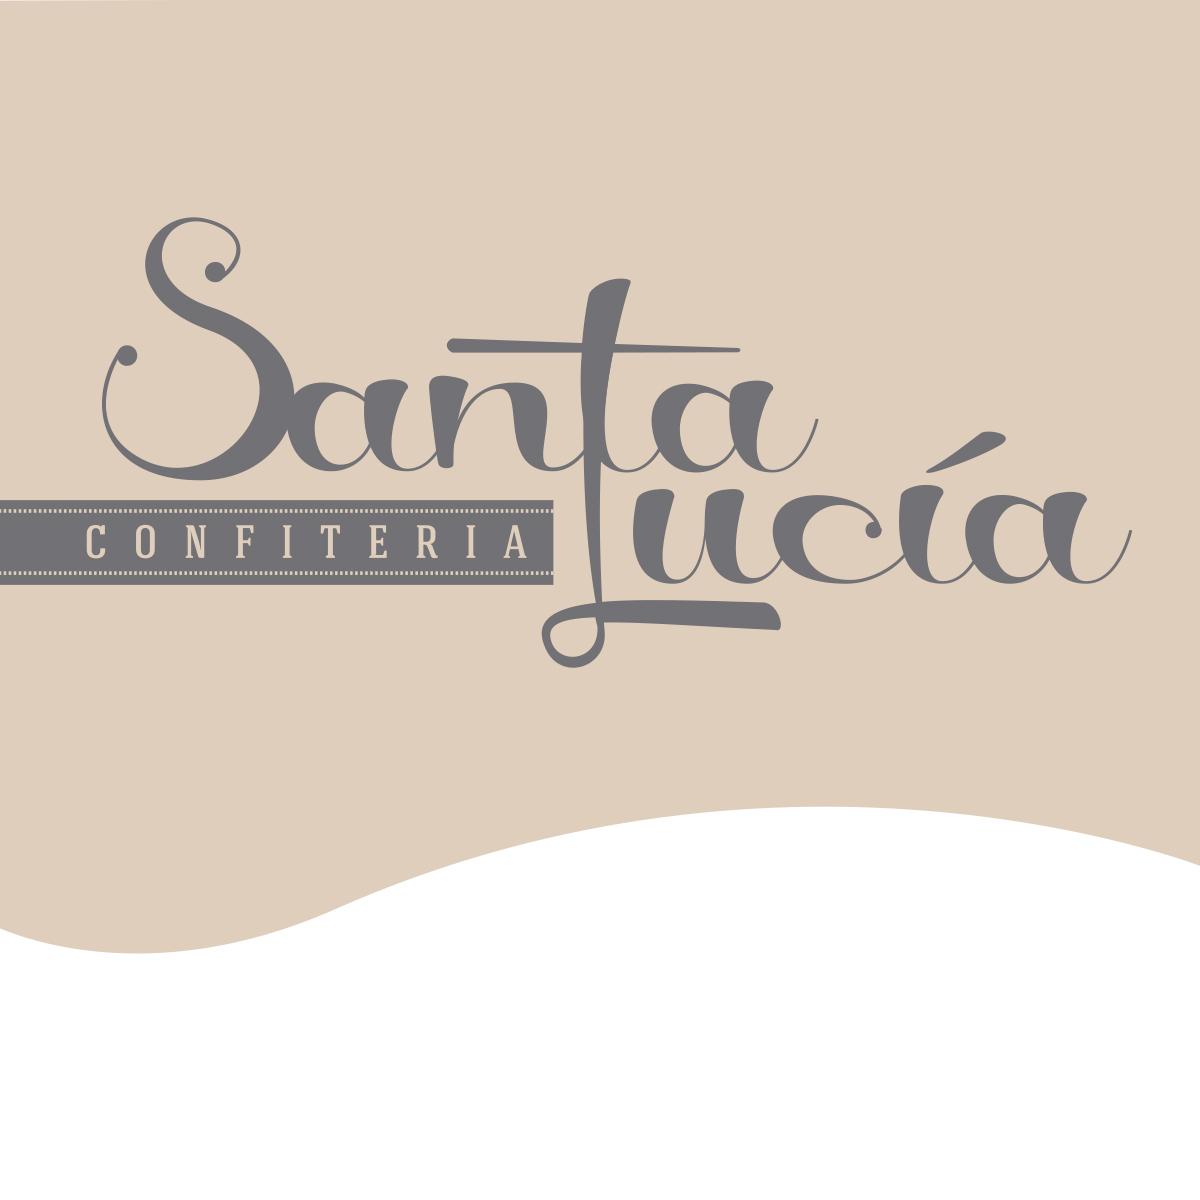 Confitería Santa Lucía